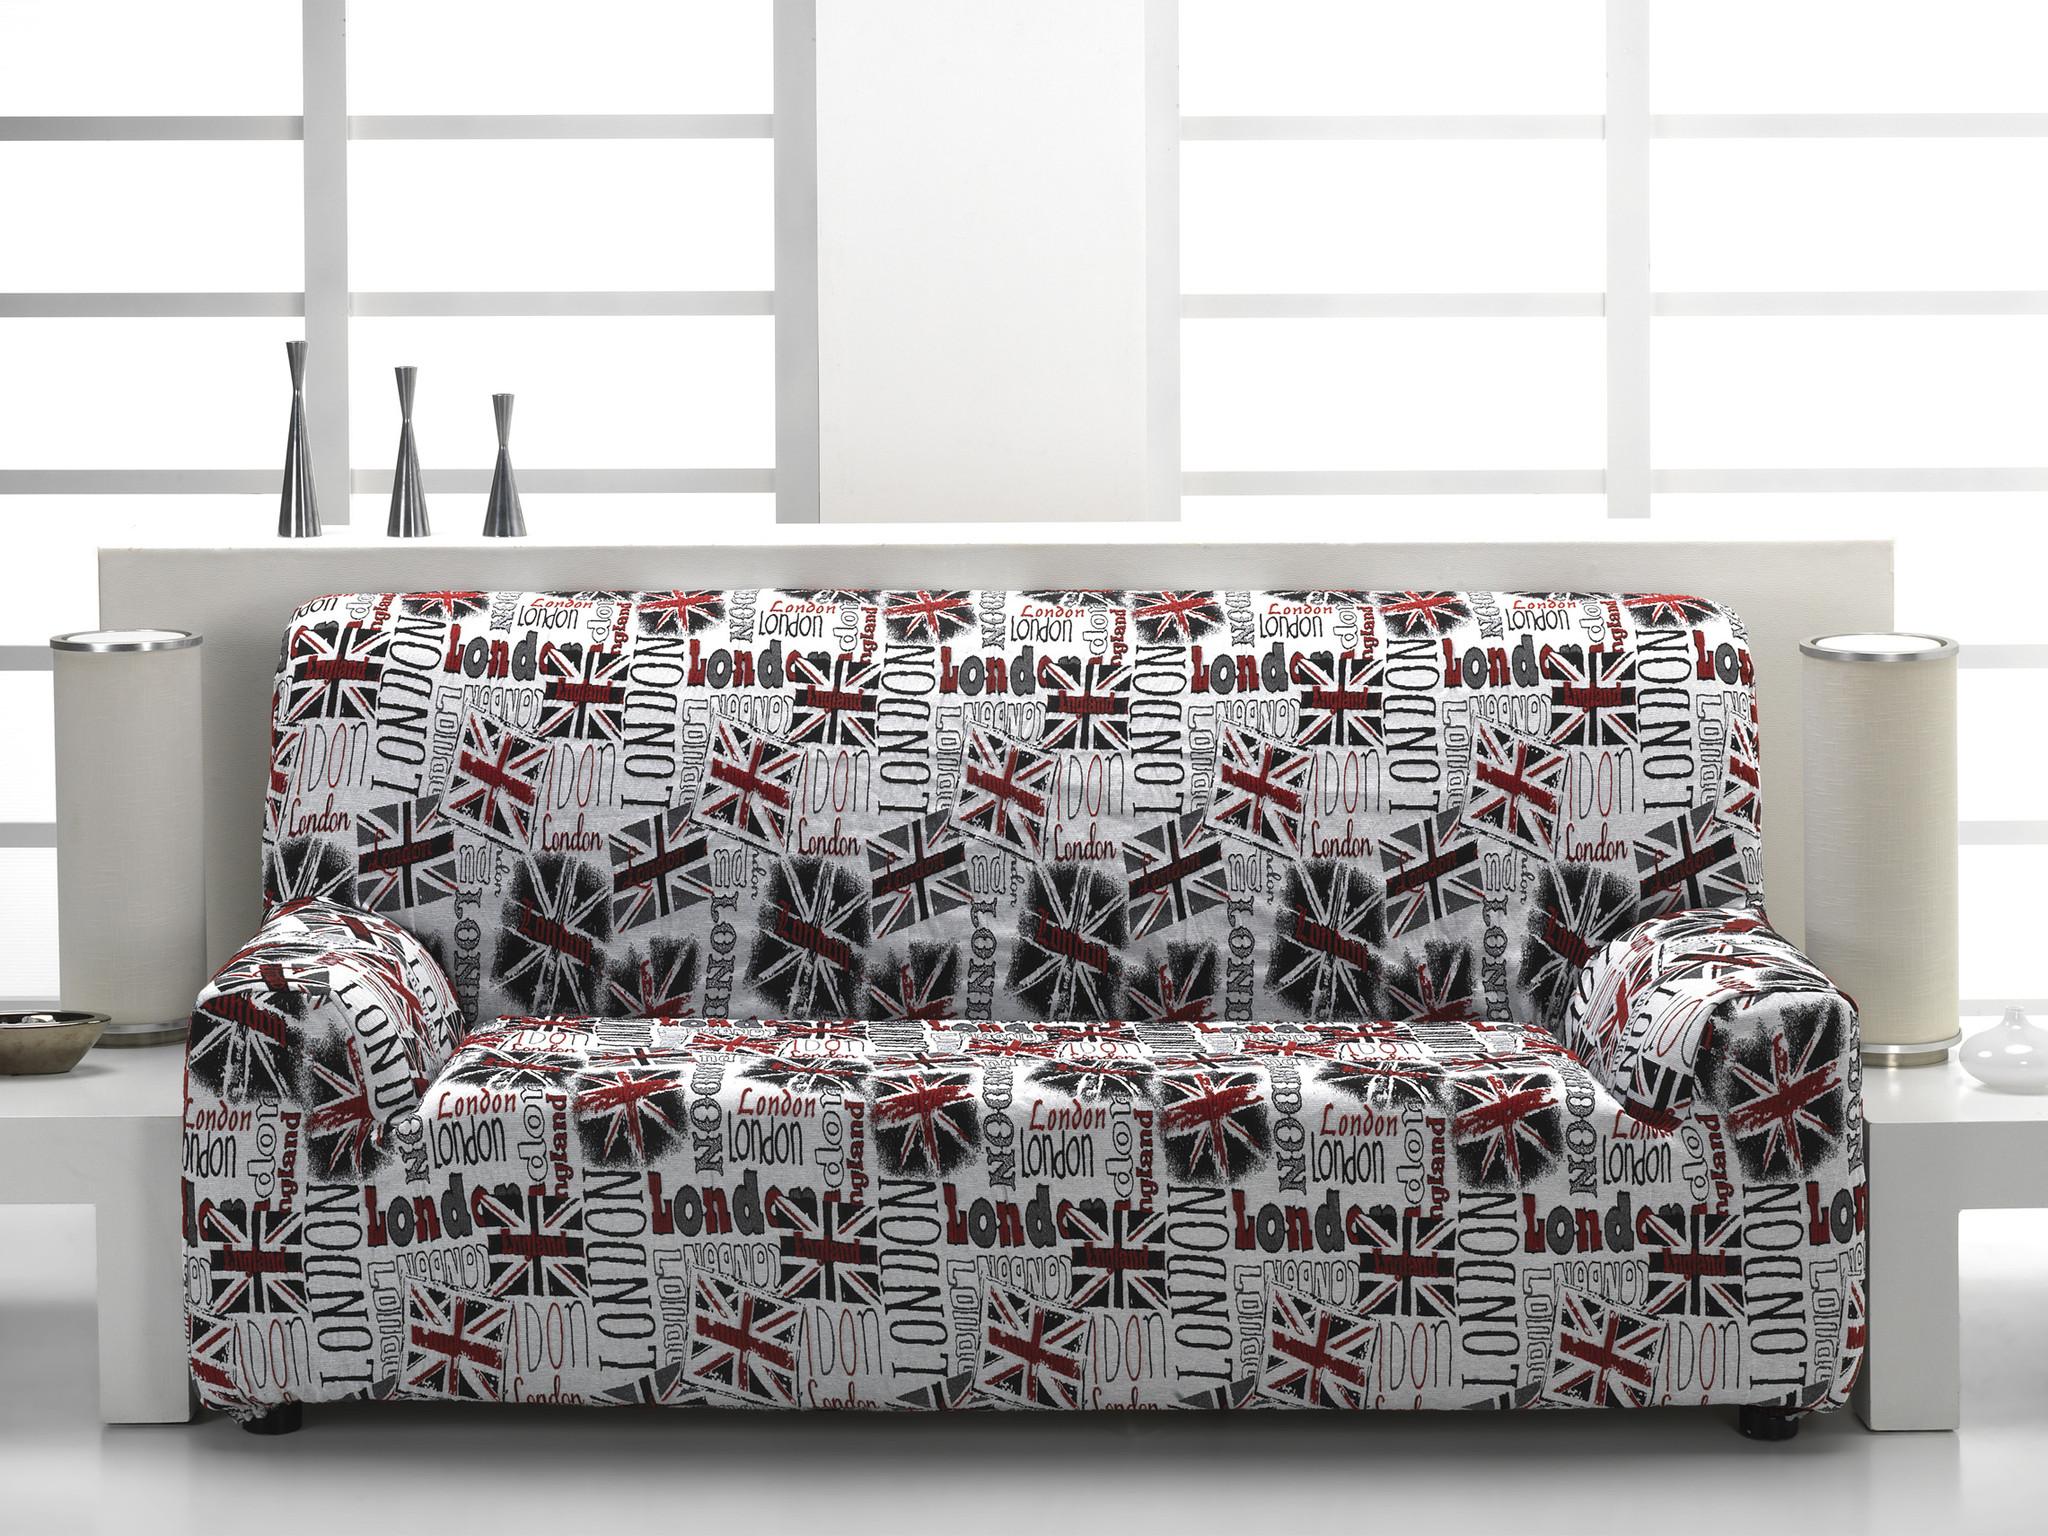 Ελαστικά καλύμματα καναπέ London-Πολυθρόνα-10+ Χρώματα Διαθέσιμα-Καλύμματα Σαλονιού